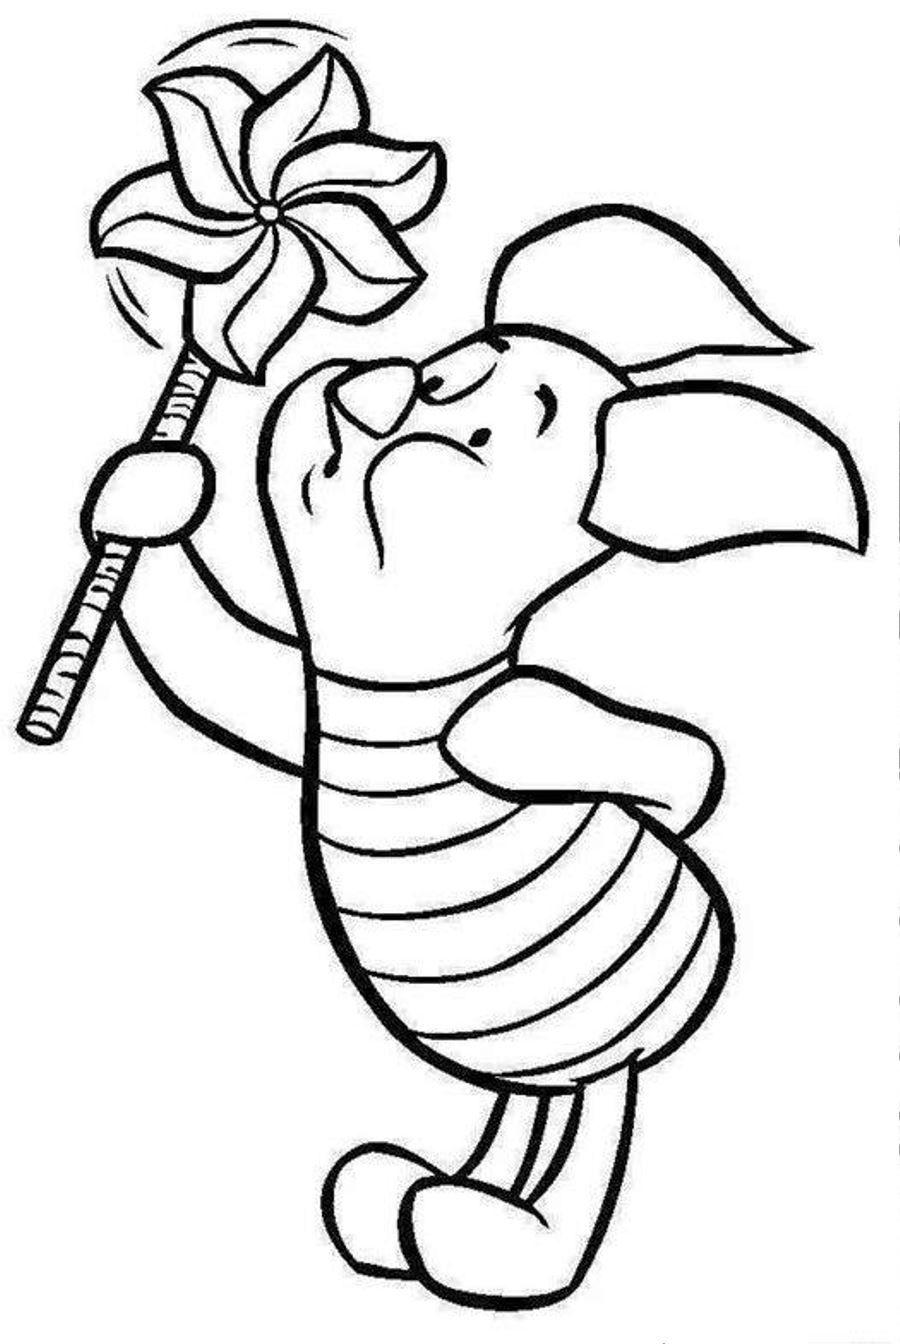 malvorlagen winnie pooh zeichnen | my col page